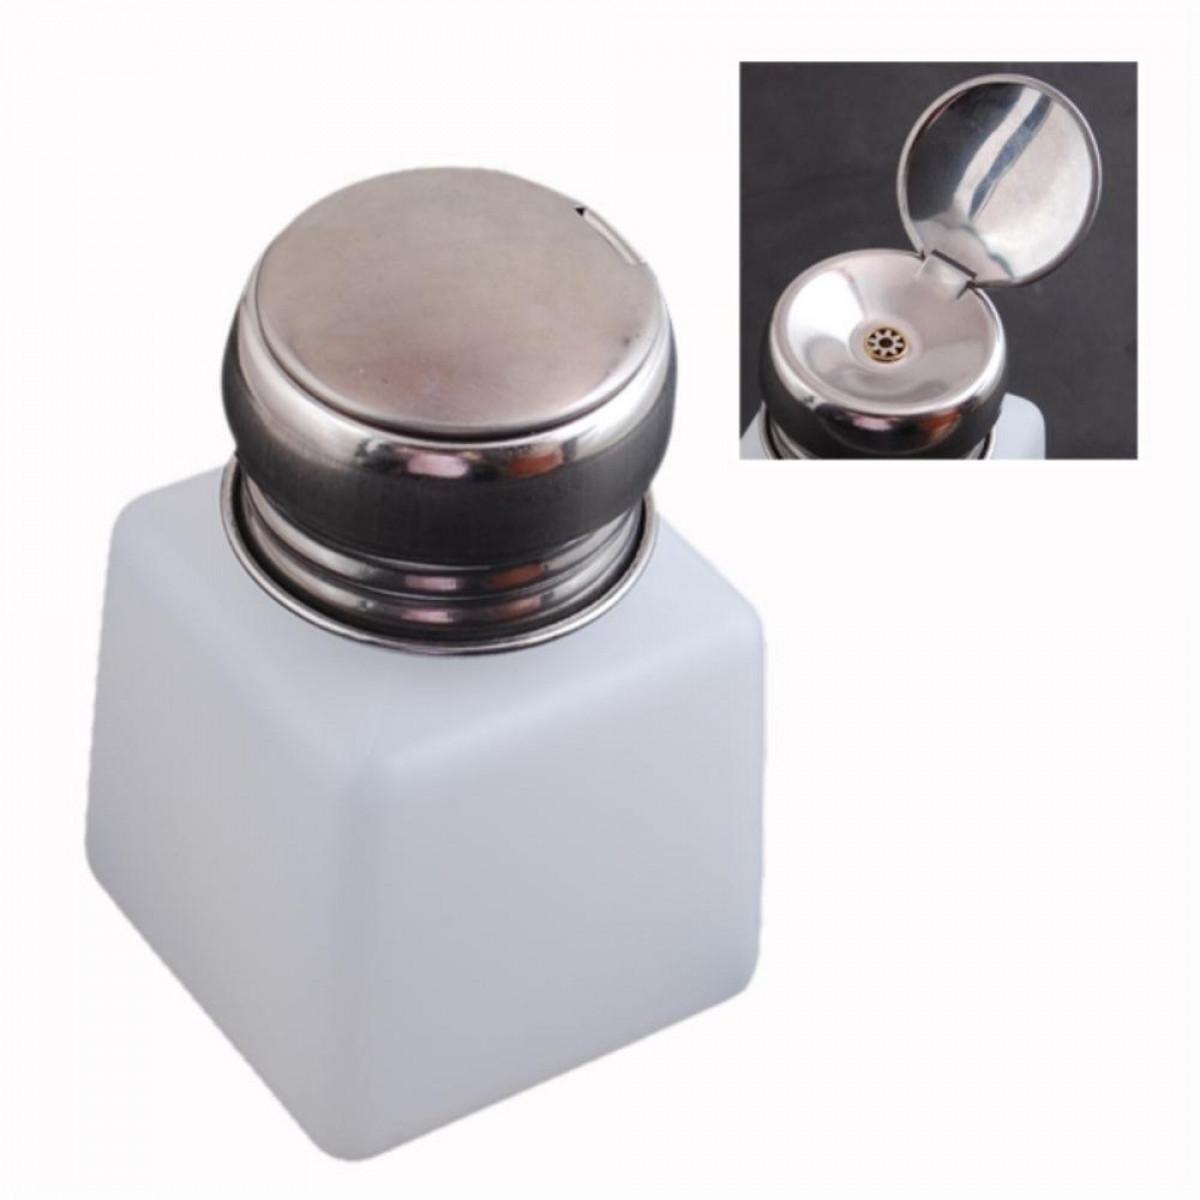 Помпа для жидкости с железной крышкой